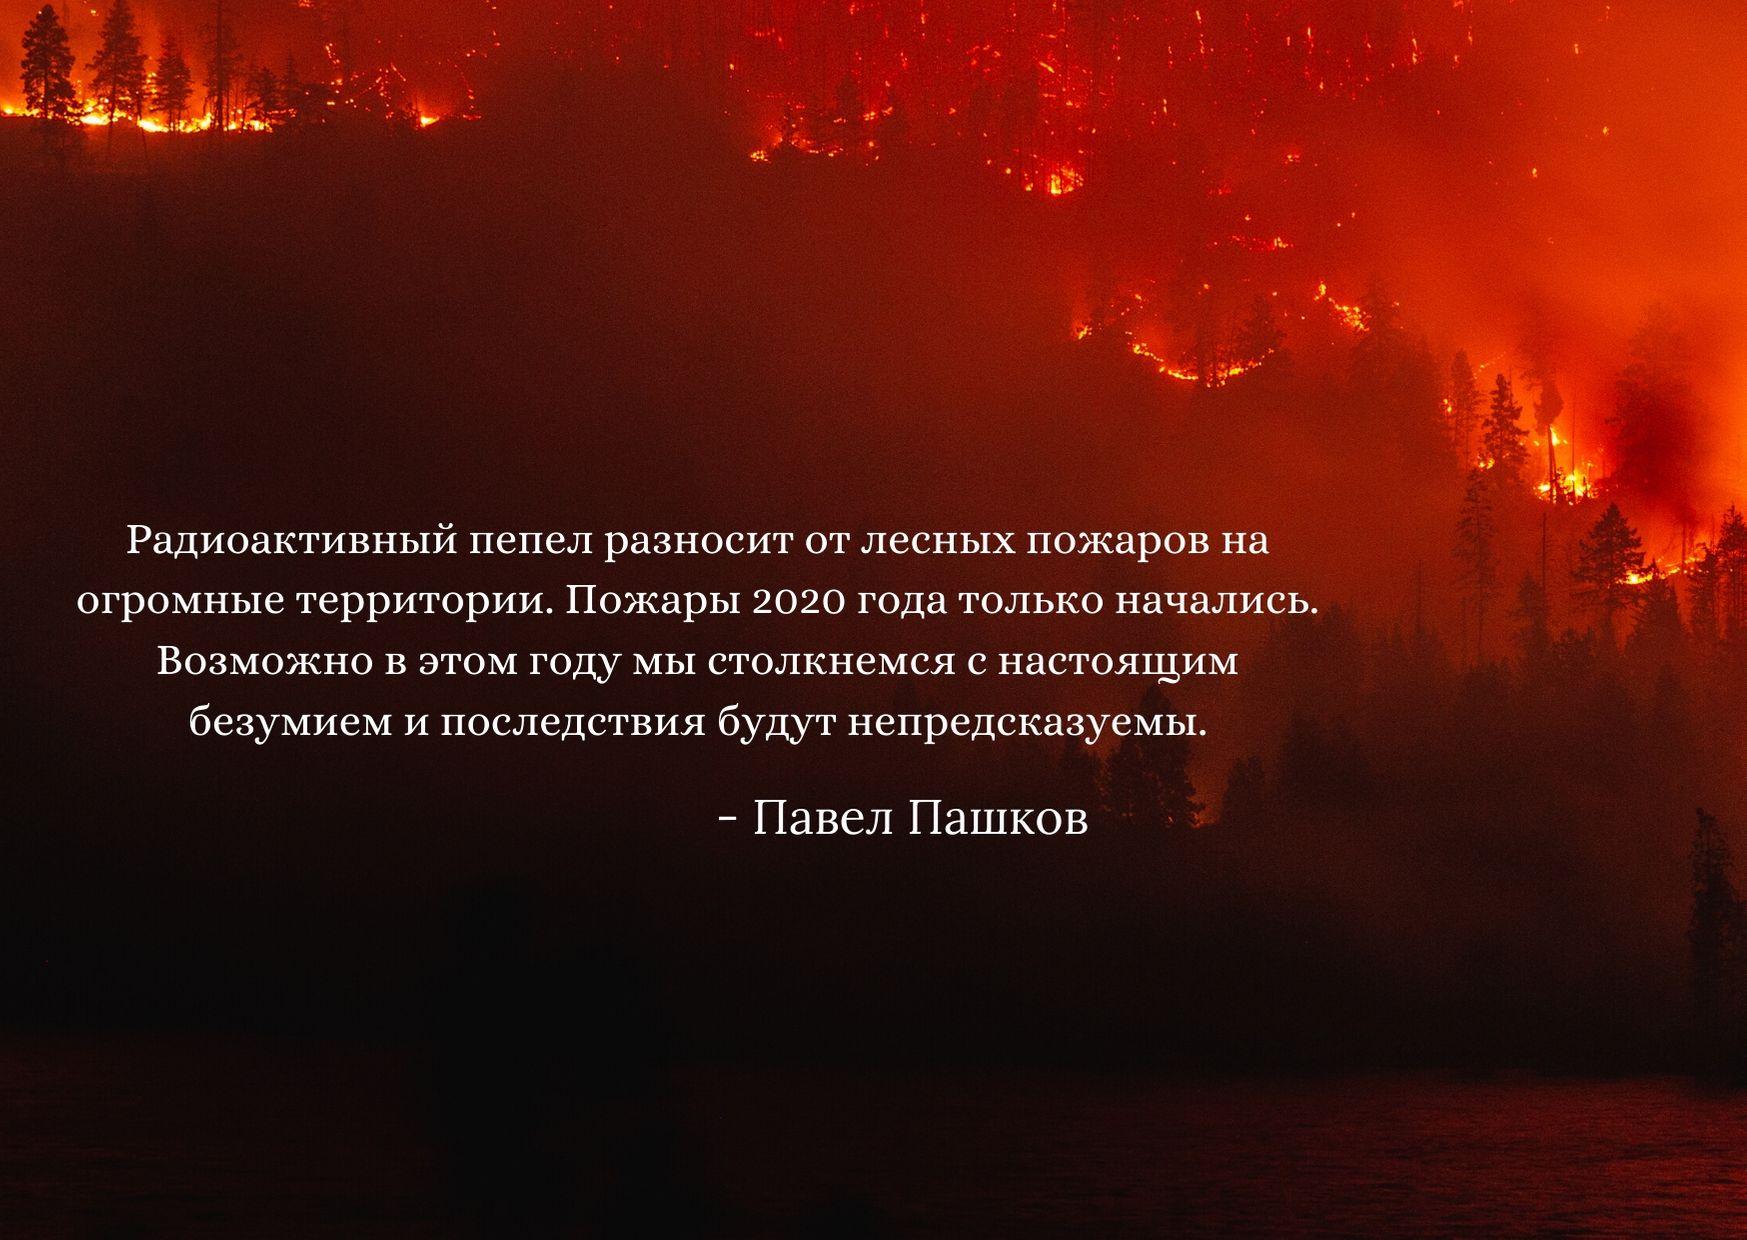 Радиоактивный пепел от лесного пожара!